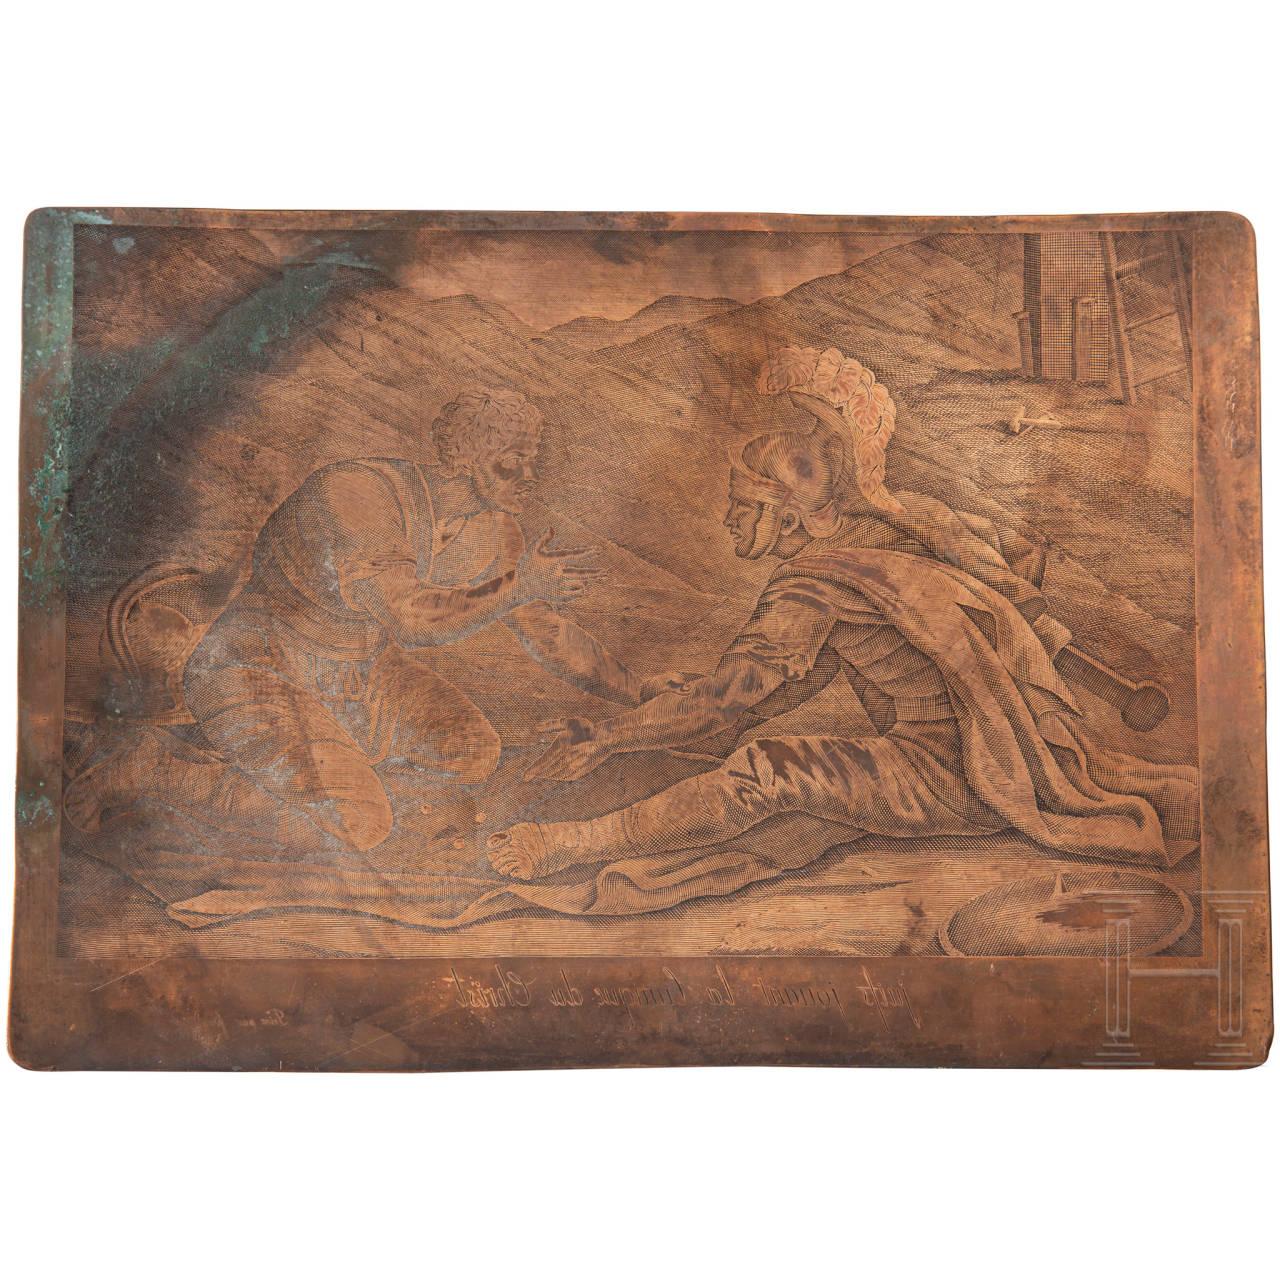 Gravierte Kupferdruckplatte, Frankreich, 18. Jhdt.